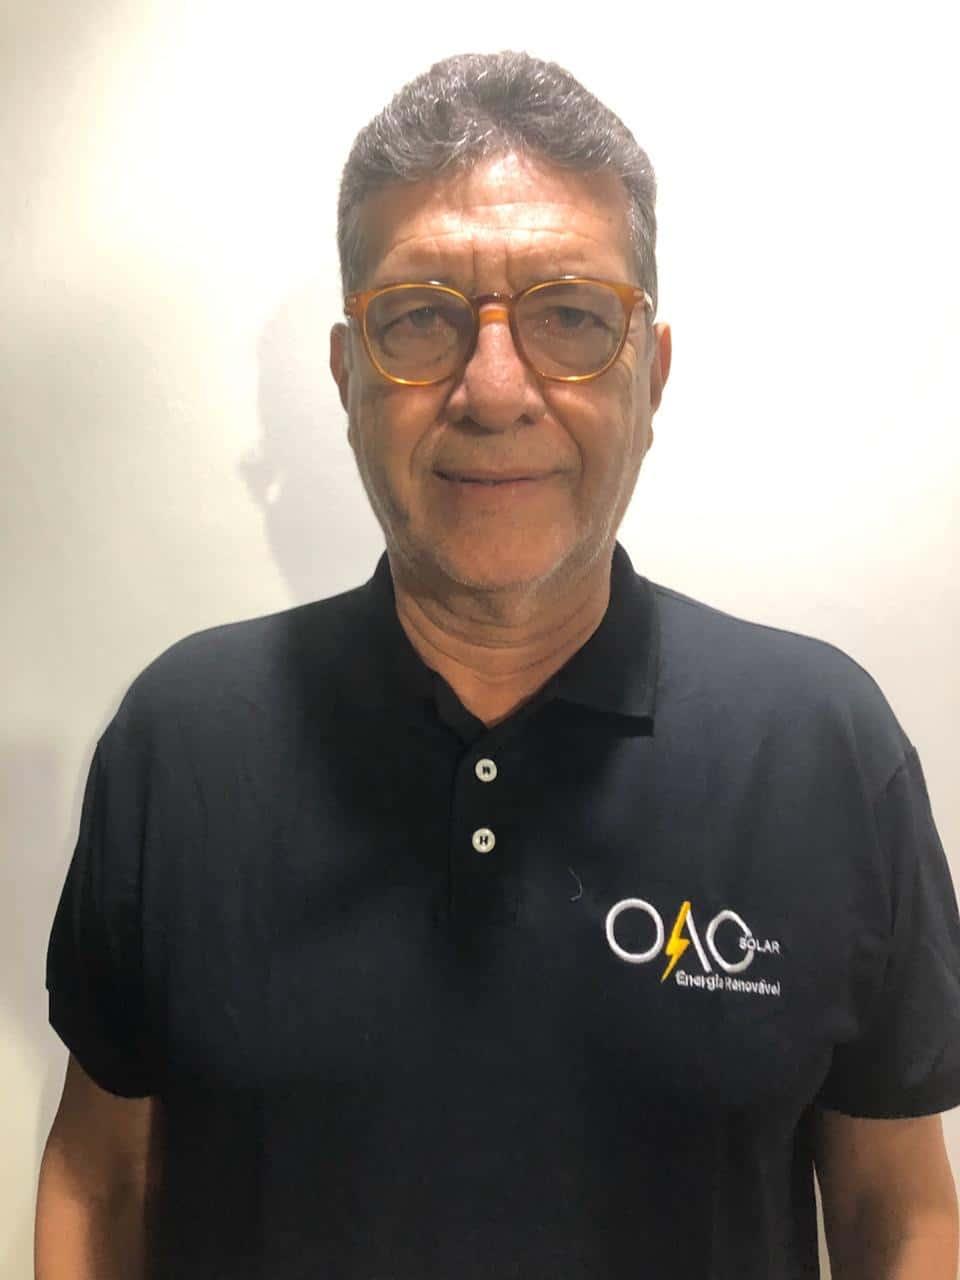 Octavio Cunha